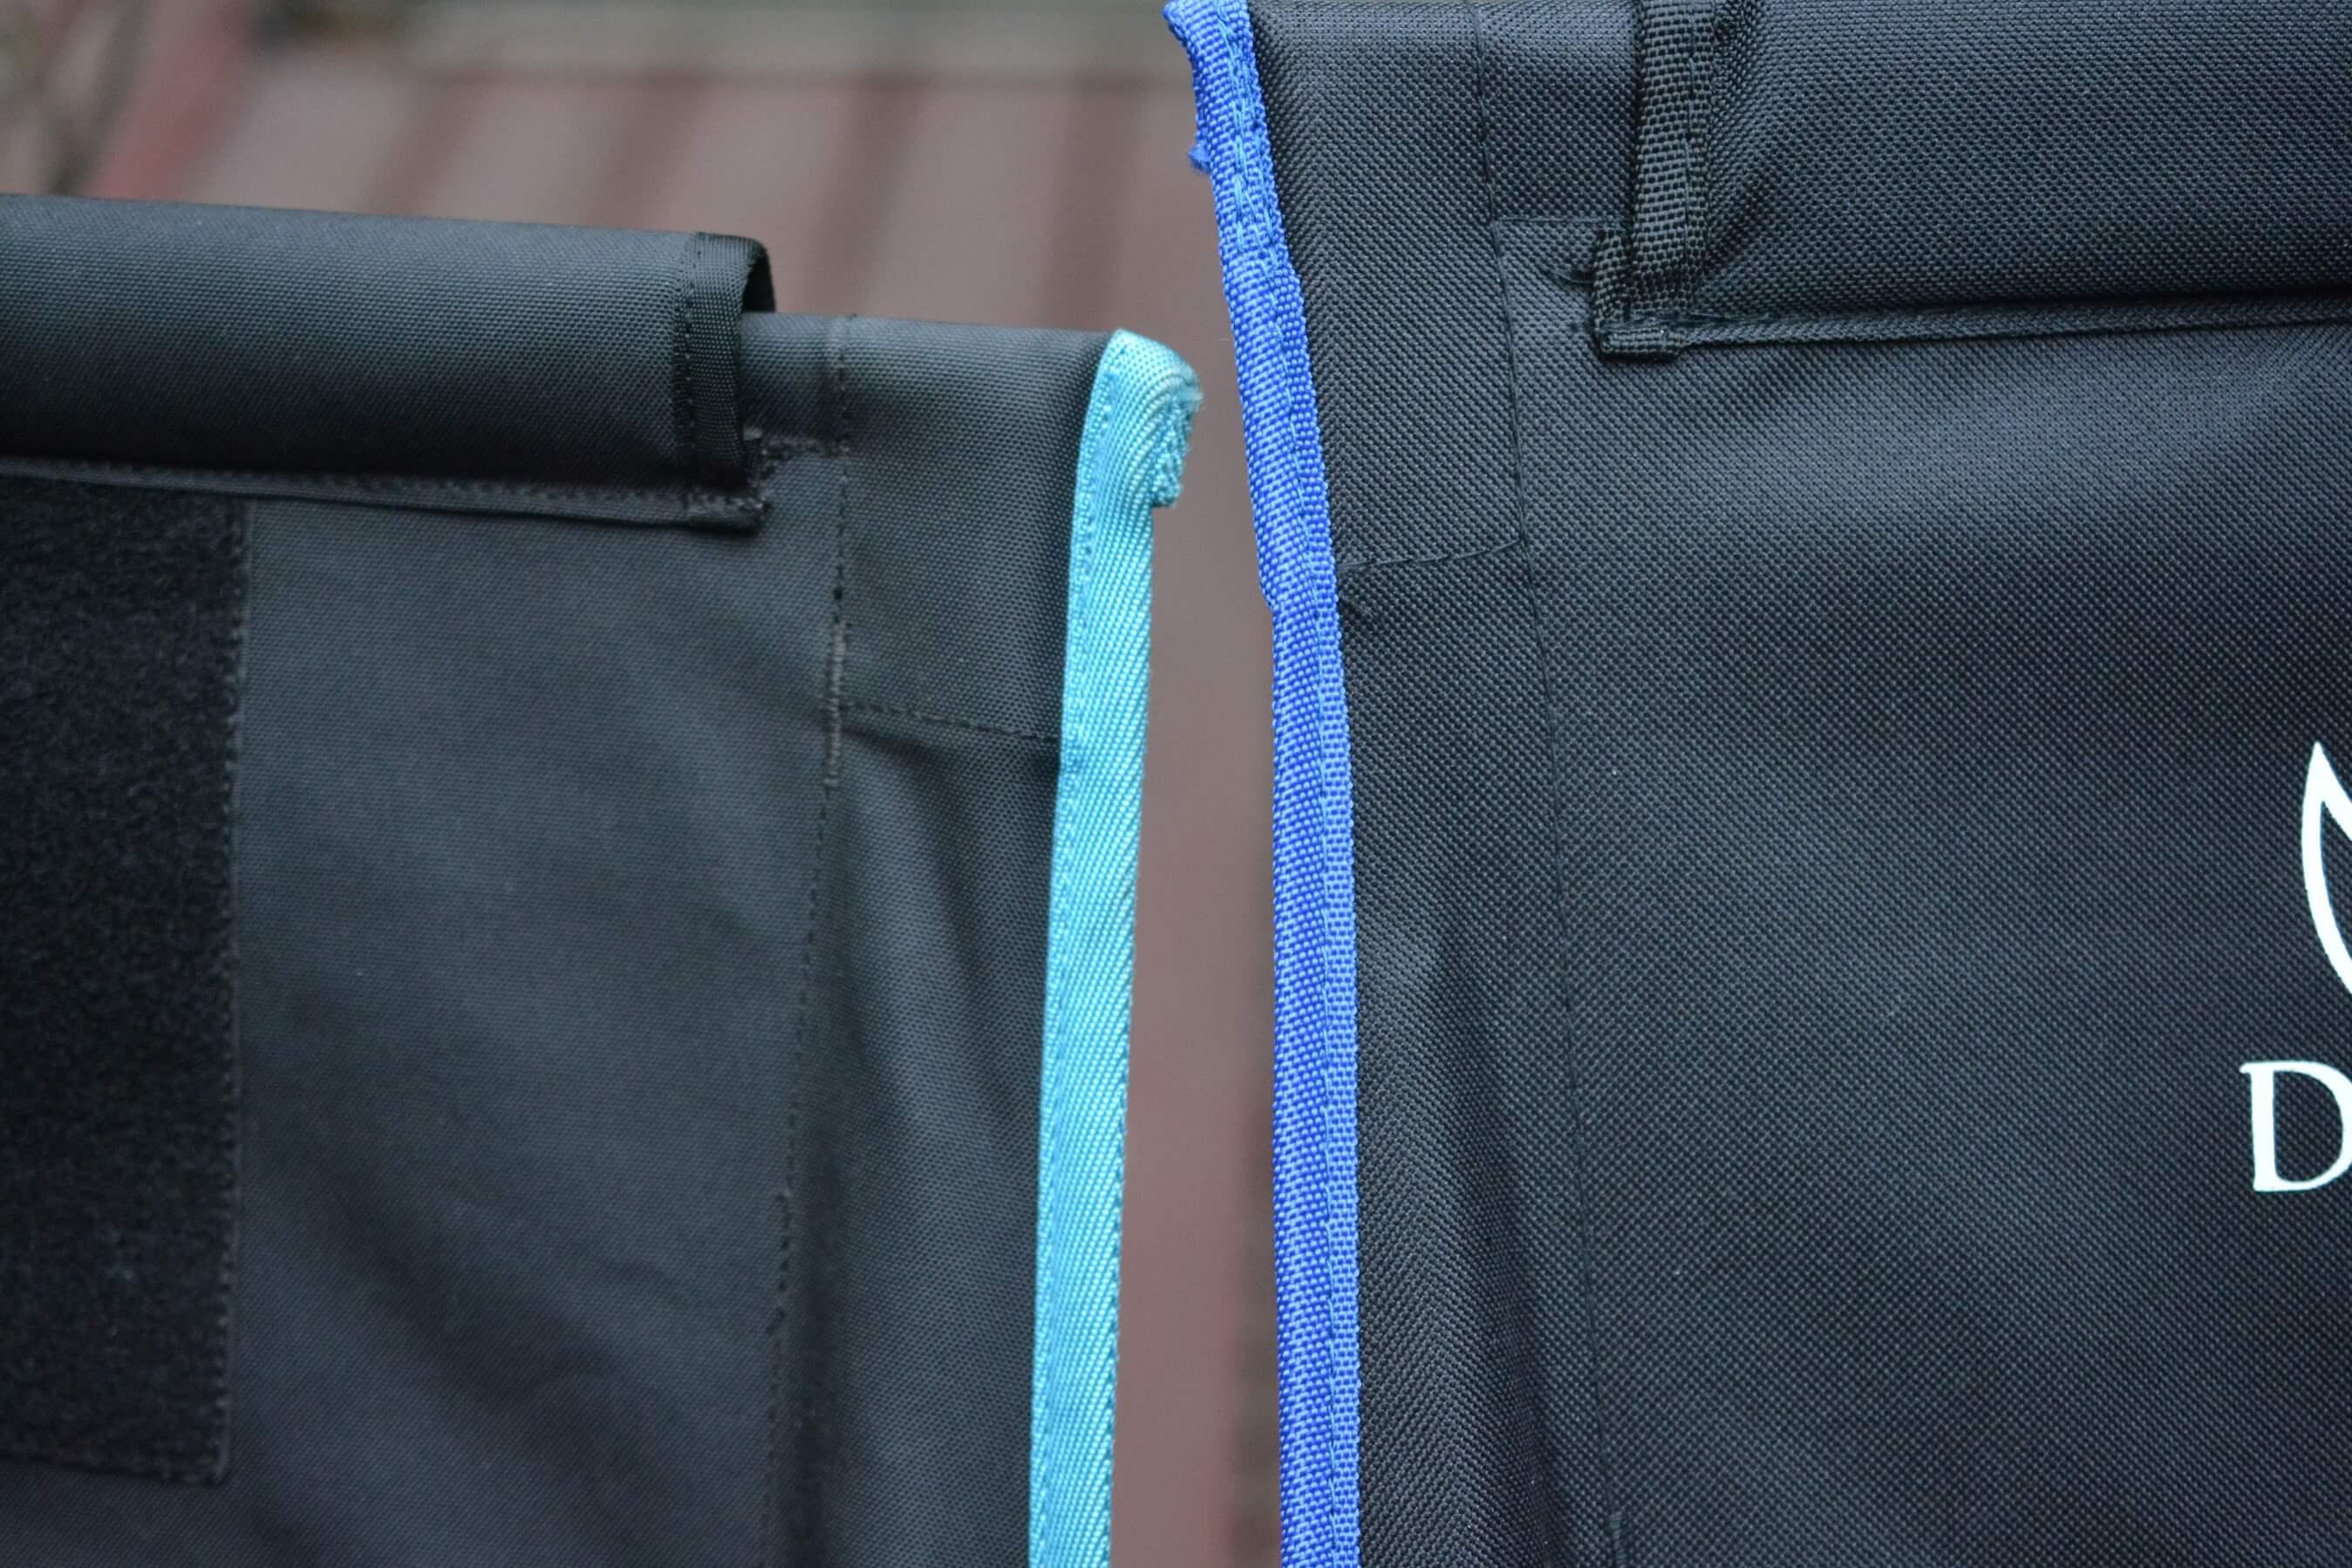 ヘリノックス チェアツー VS DesertFox アウトドアチェア 縫製